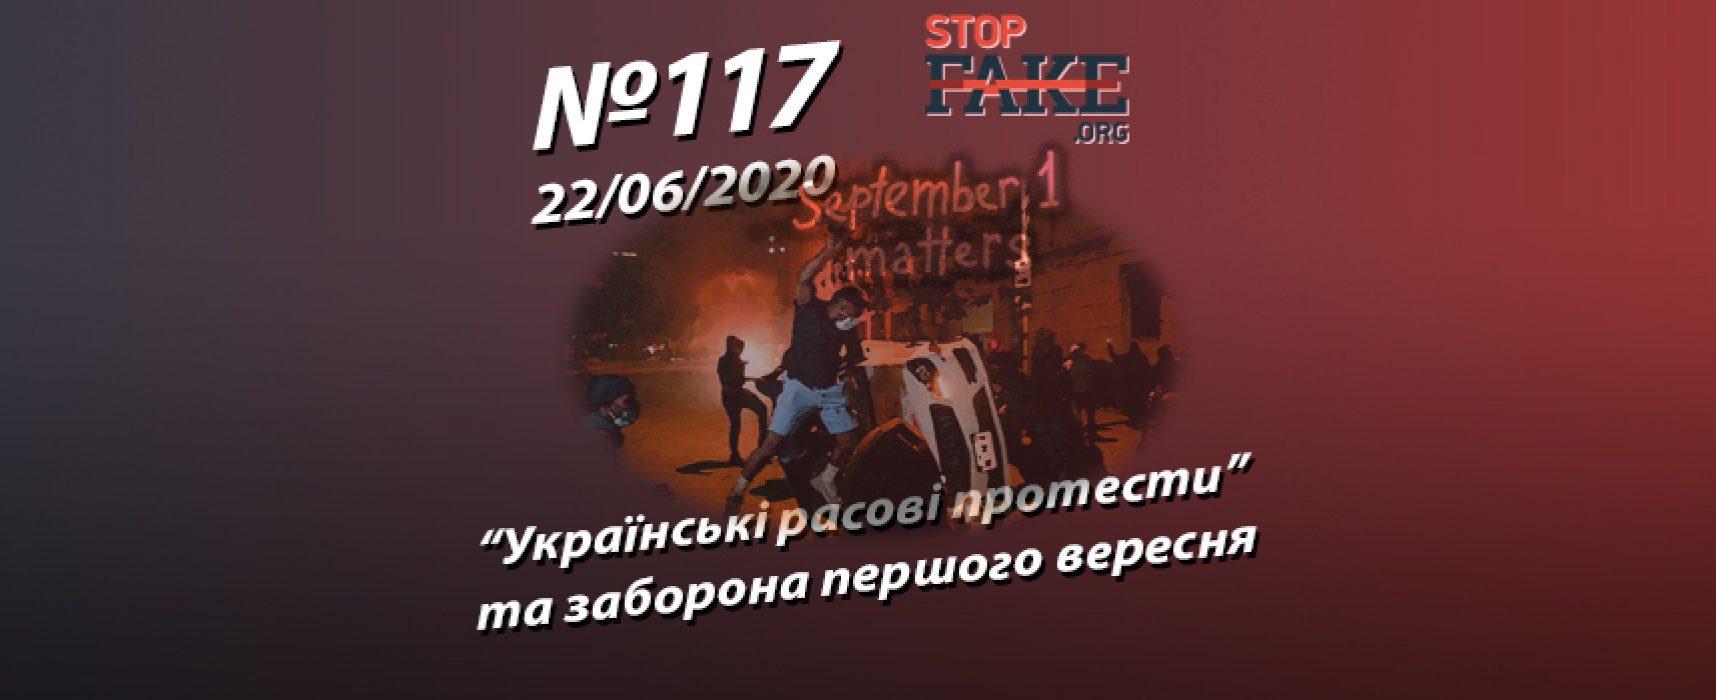 """""""Українські расові протести"""" та заборона першого вересня – StopFake.org"""